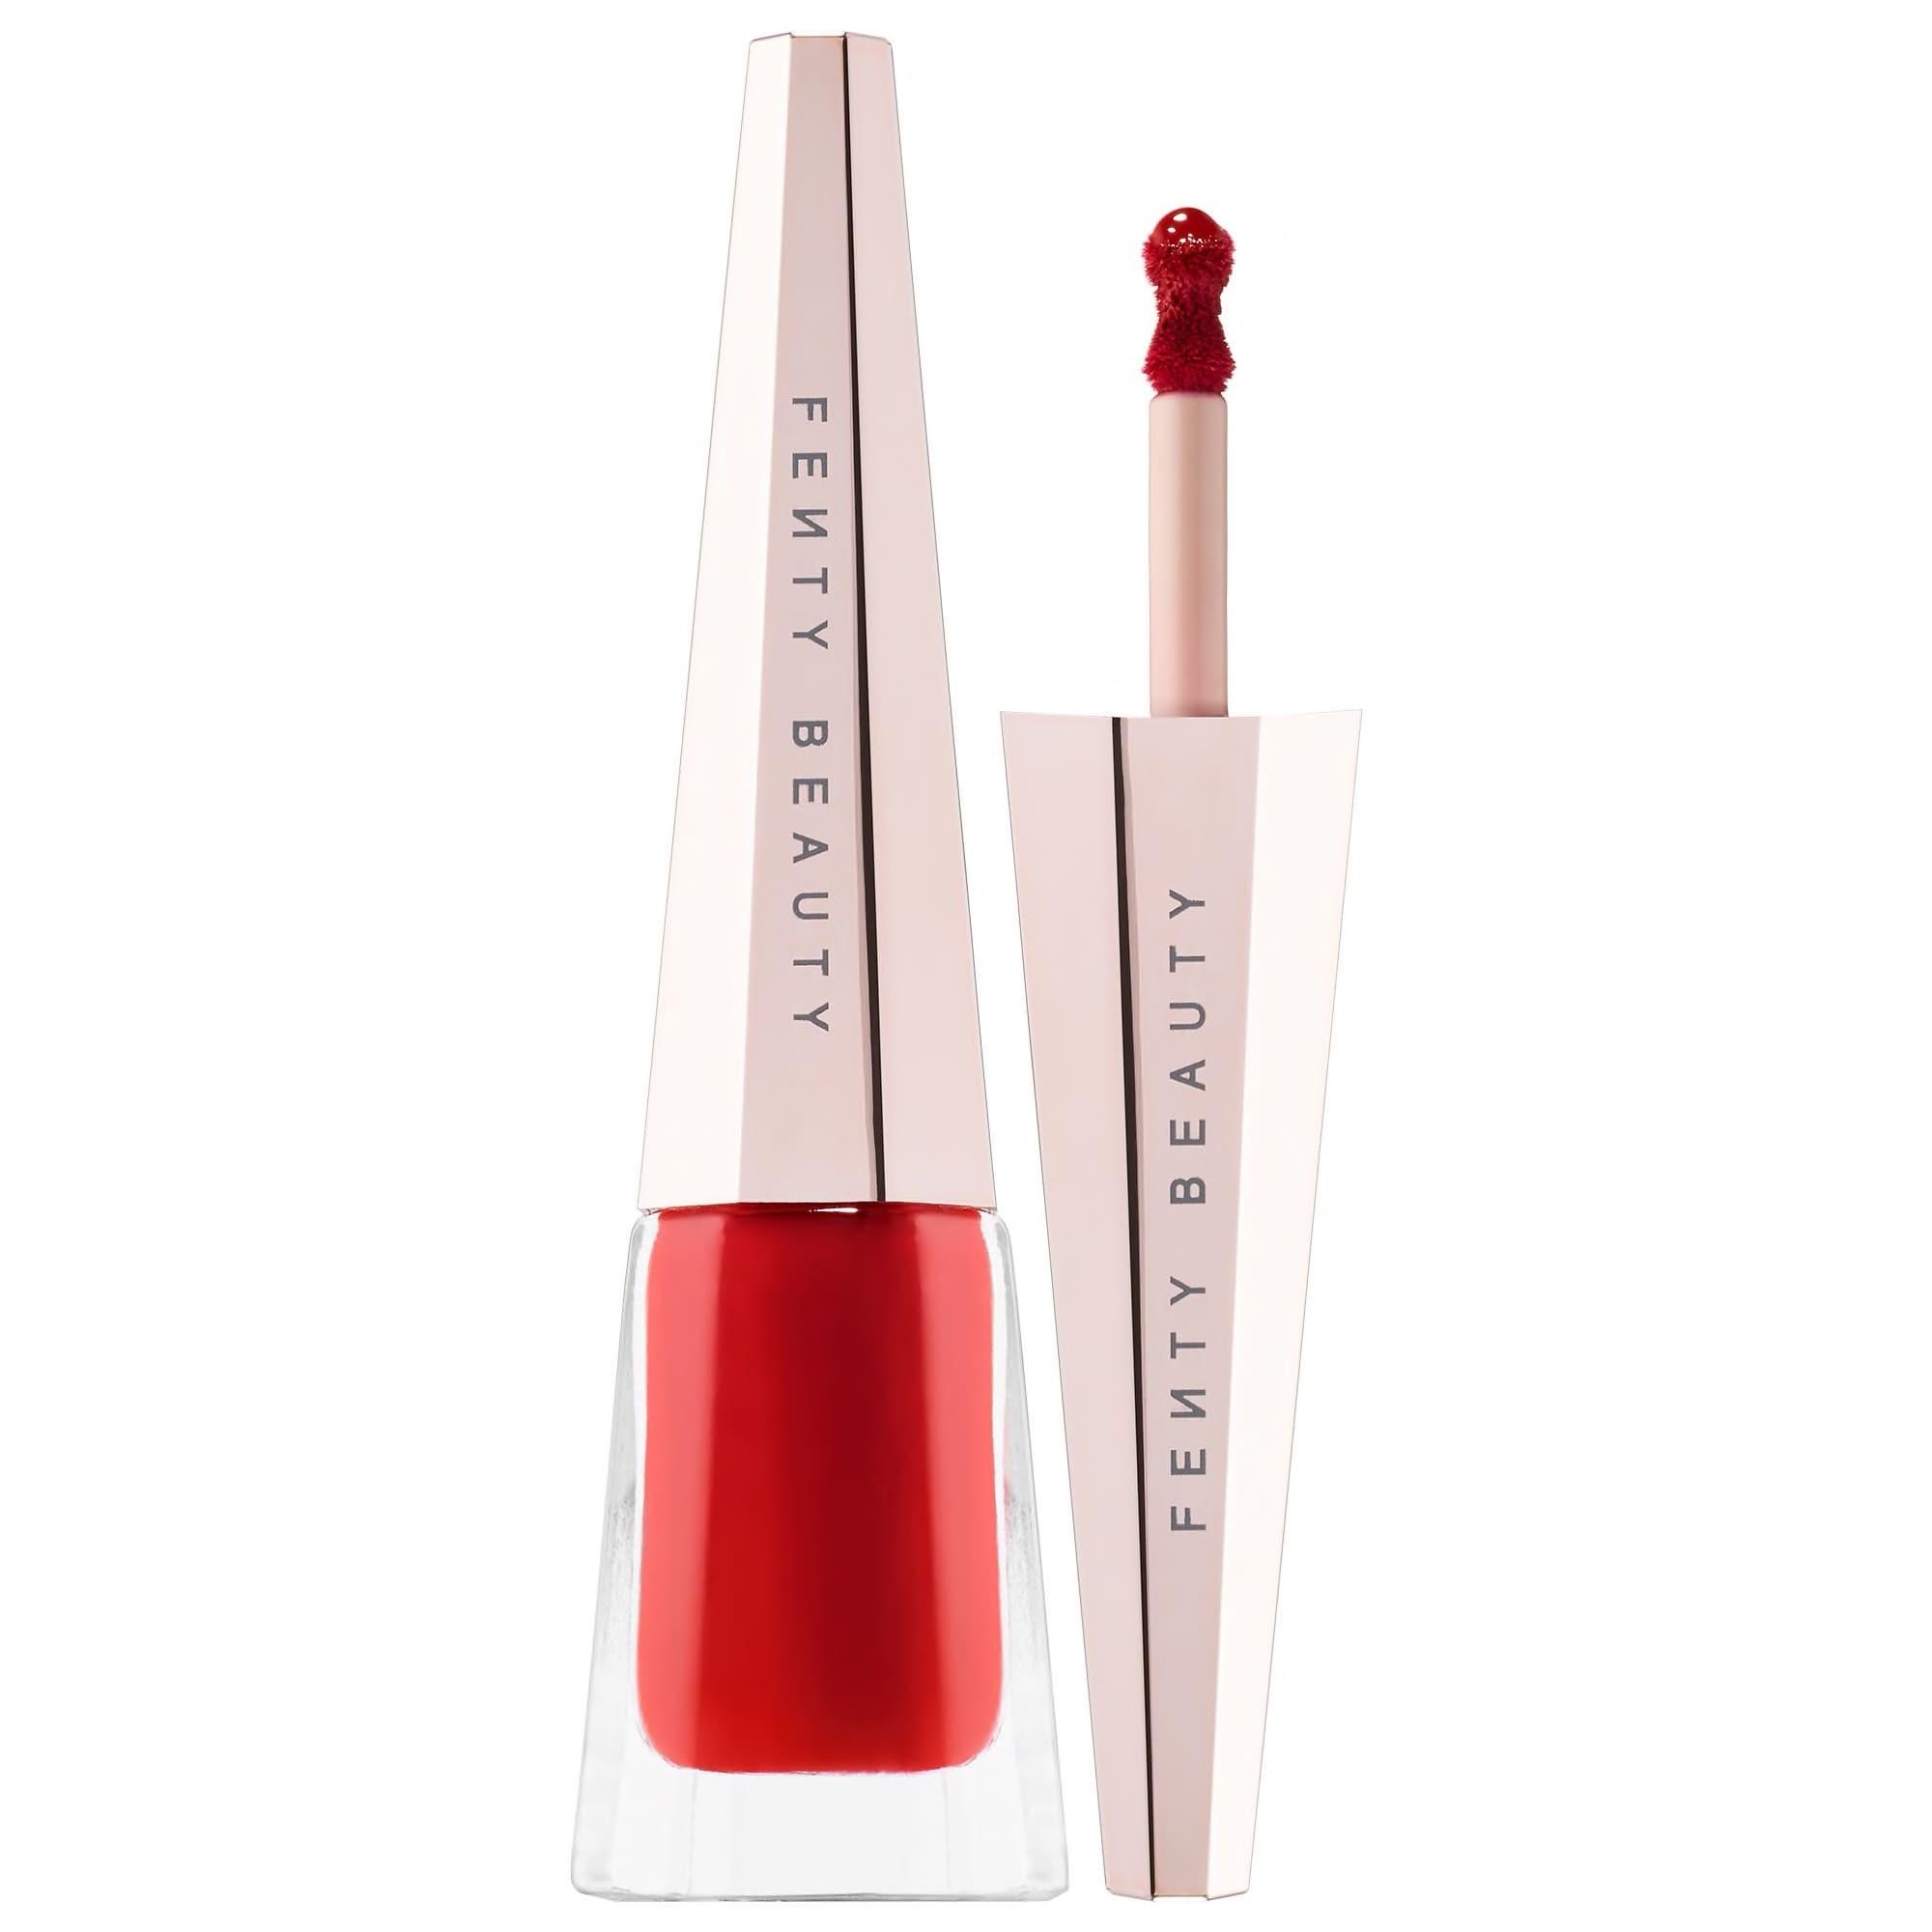 Fenty Beauty Stunna Lip Paint Longwear Fluid Lip Color Uncensored